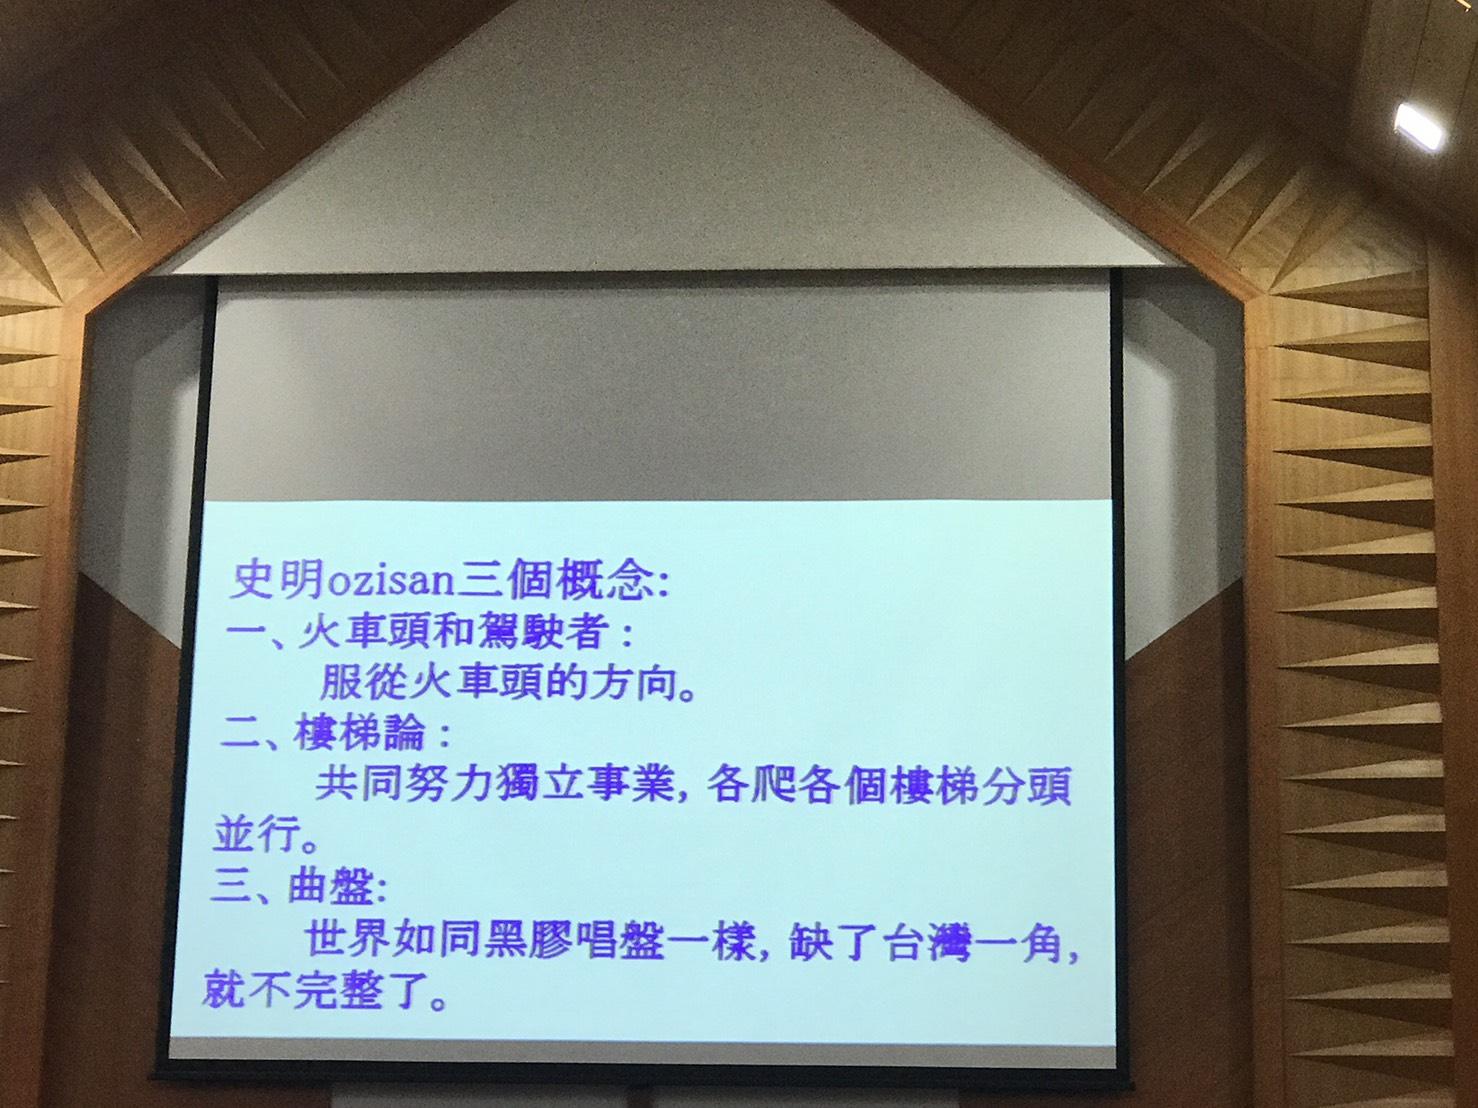 史明台北市士林教會演講內容。 圖/朱蒲青攝(資料照)